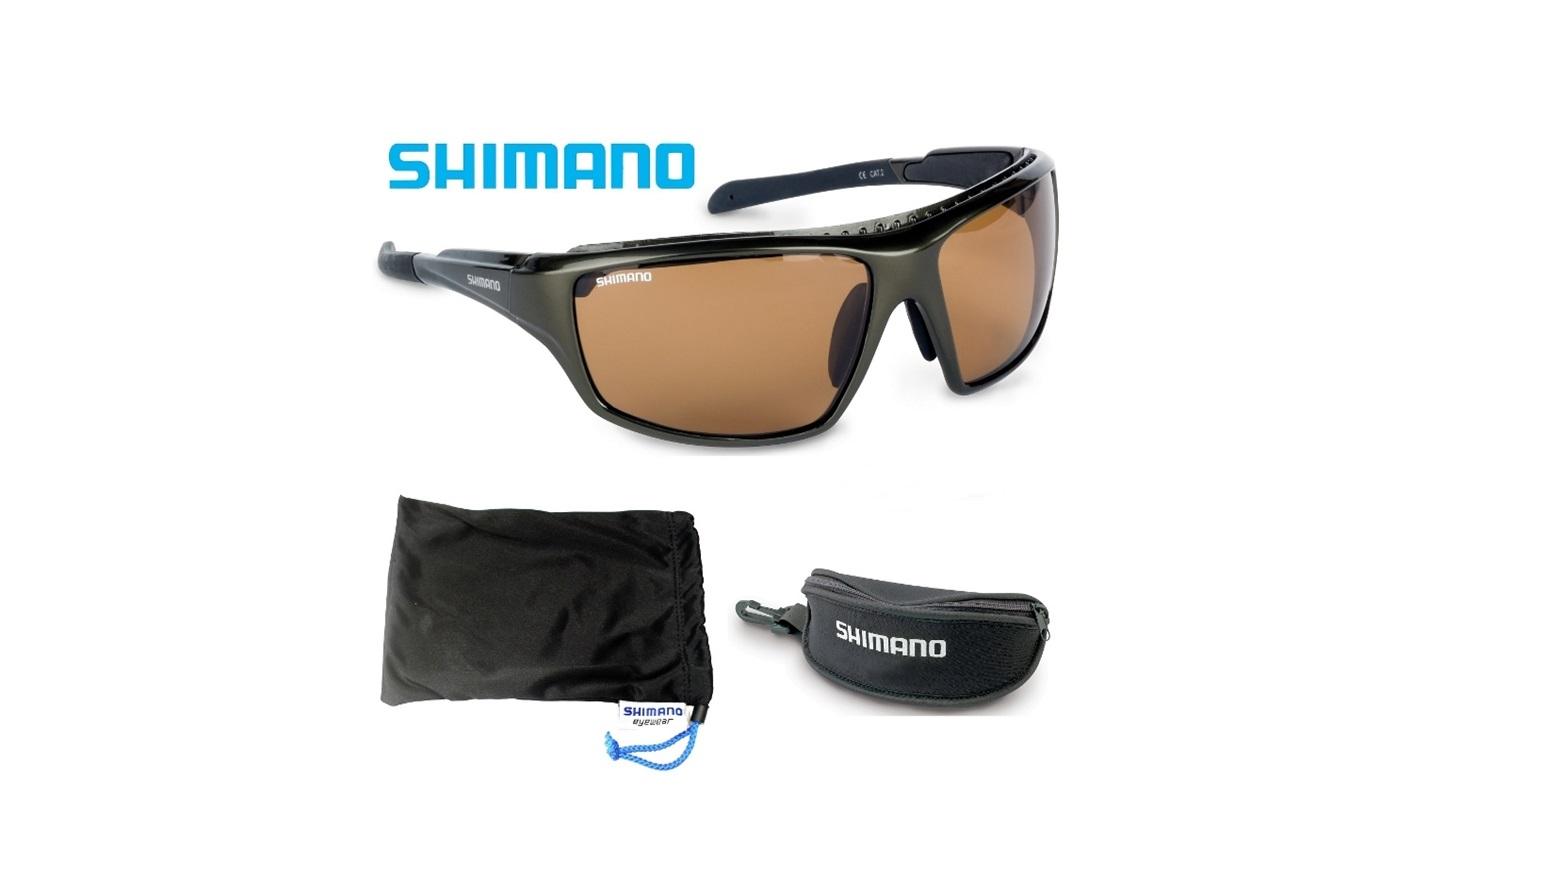 Occhiali da sole Shimano Yasei Eyewear Purist cod SUNPUR02